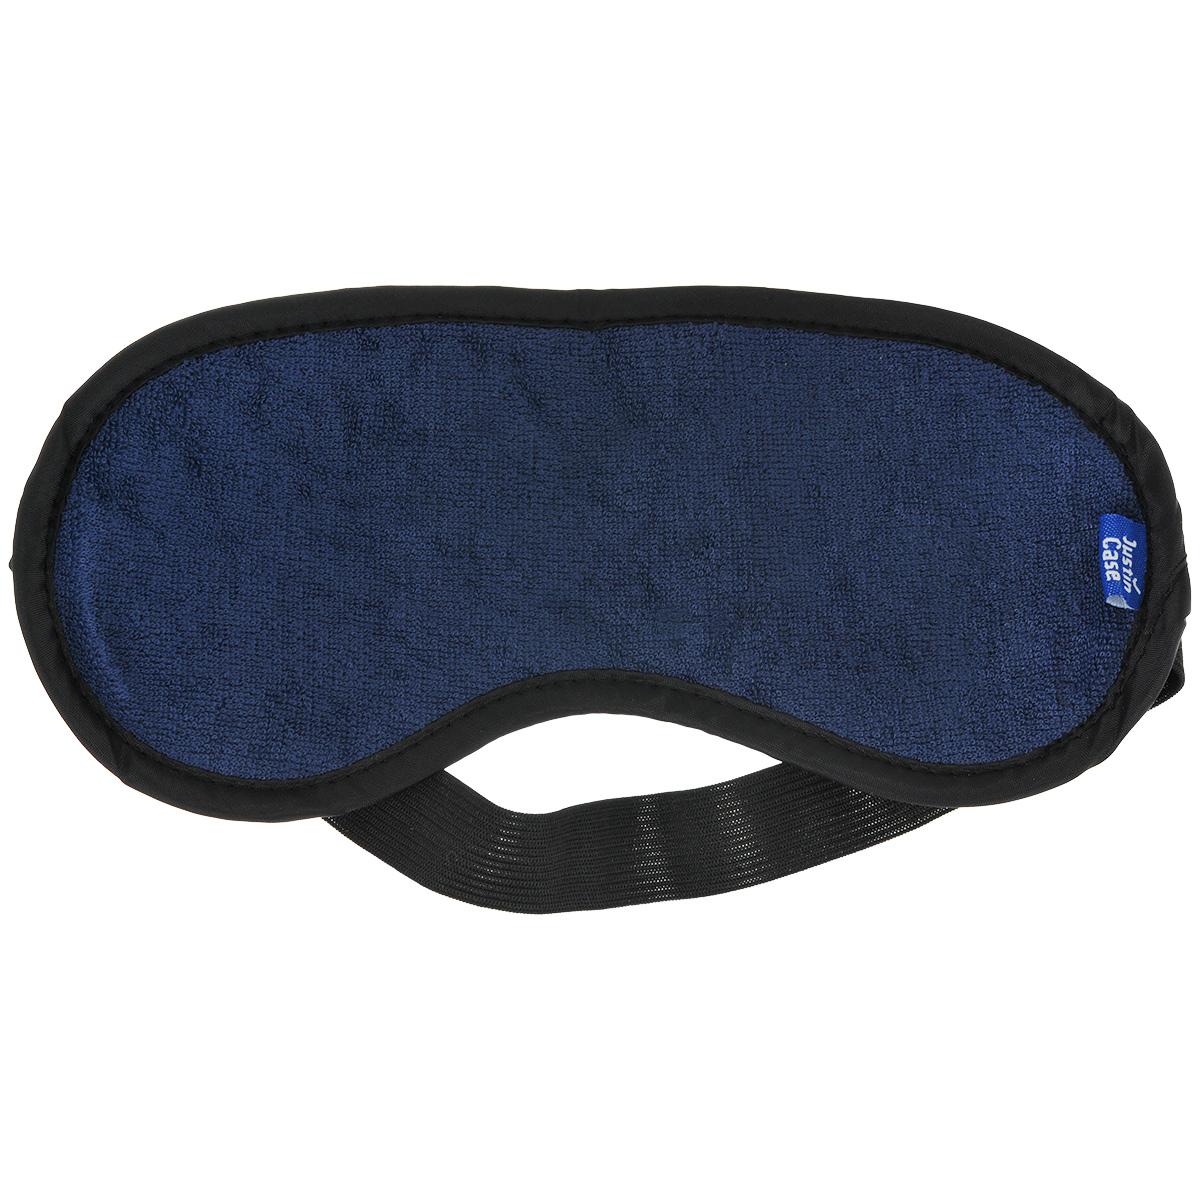 Маска для сна JustinCase, цвет: синий, черныйE5112BМаска для сна JustinCase надежно защитит ваш крепкий сон, а ее приятная текстура обеспечит максимальный комфорт. Благодаря резинке маска имеет универсальный размер. Спите с комфортом, где бы вы ни были! Размер рабочей части: 21,5 см х 9 см.